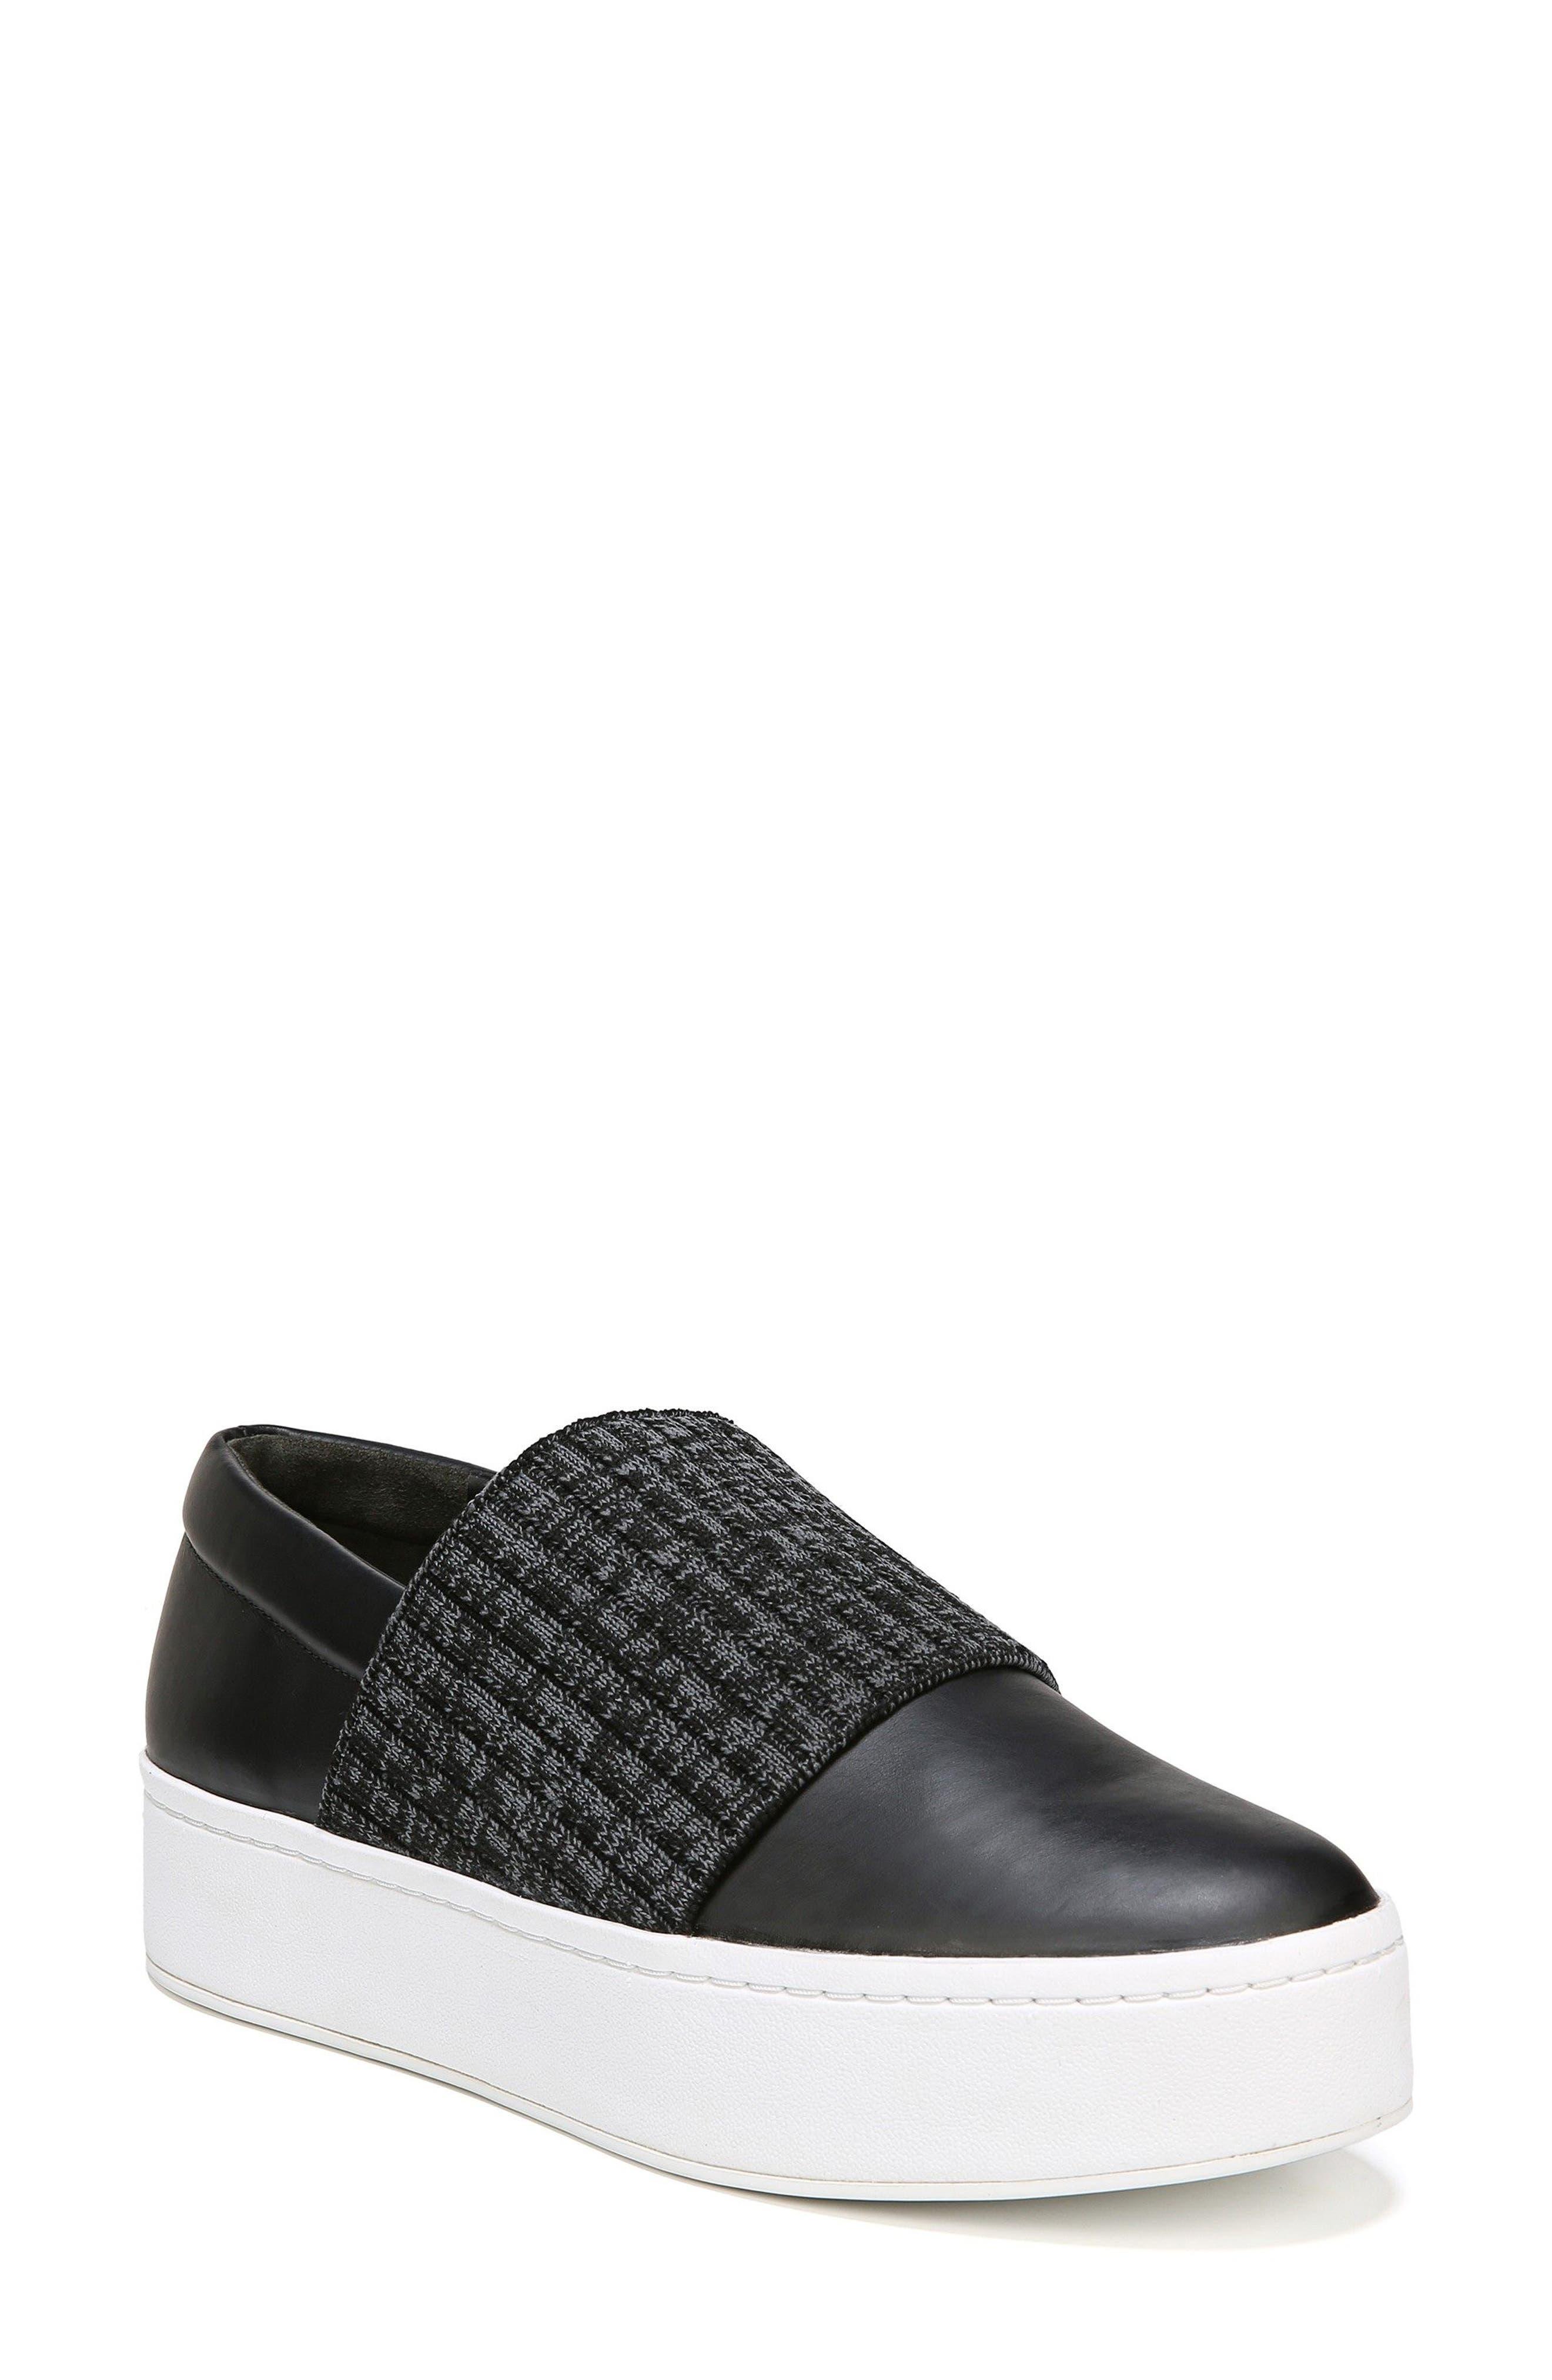 Weadon Slip-On Sneaker,                         Main,                         color, Black Siviglia Calf